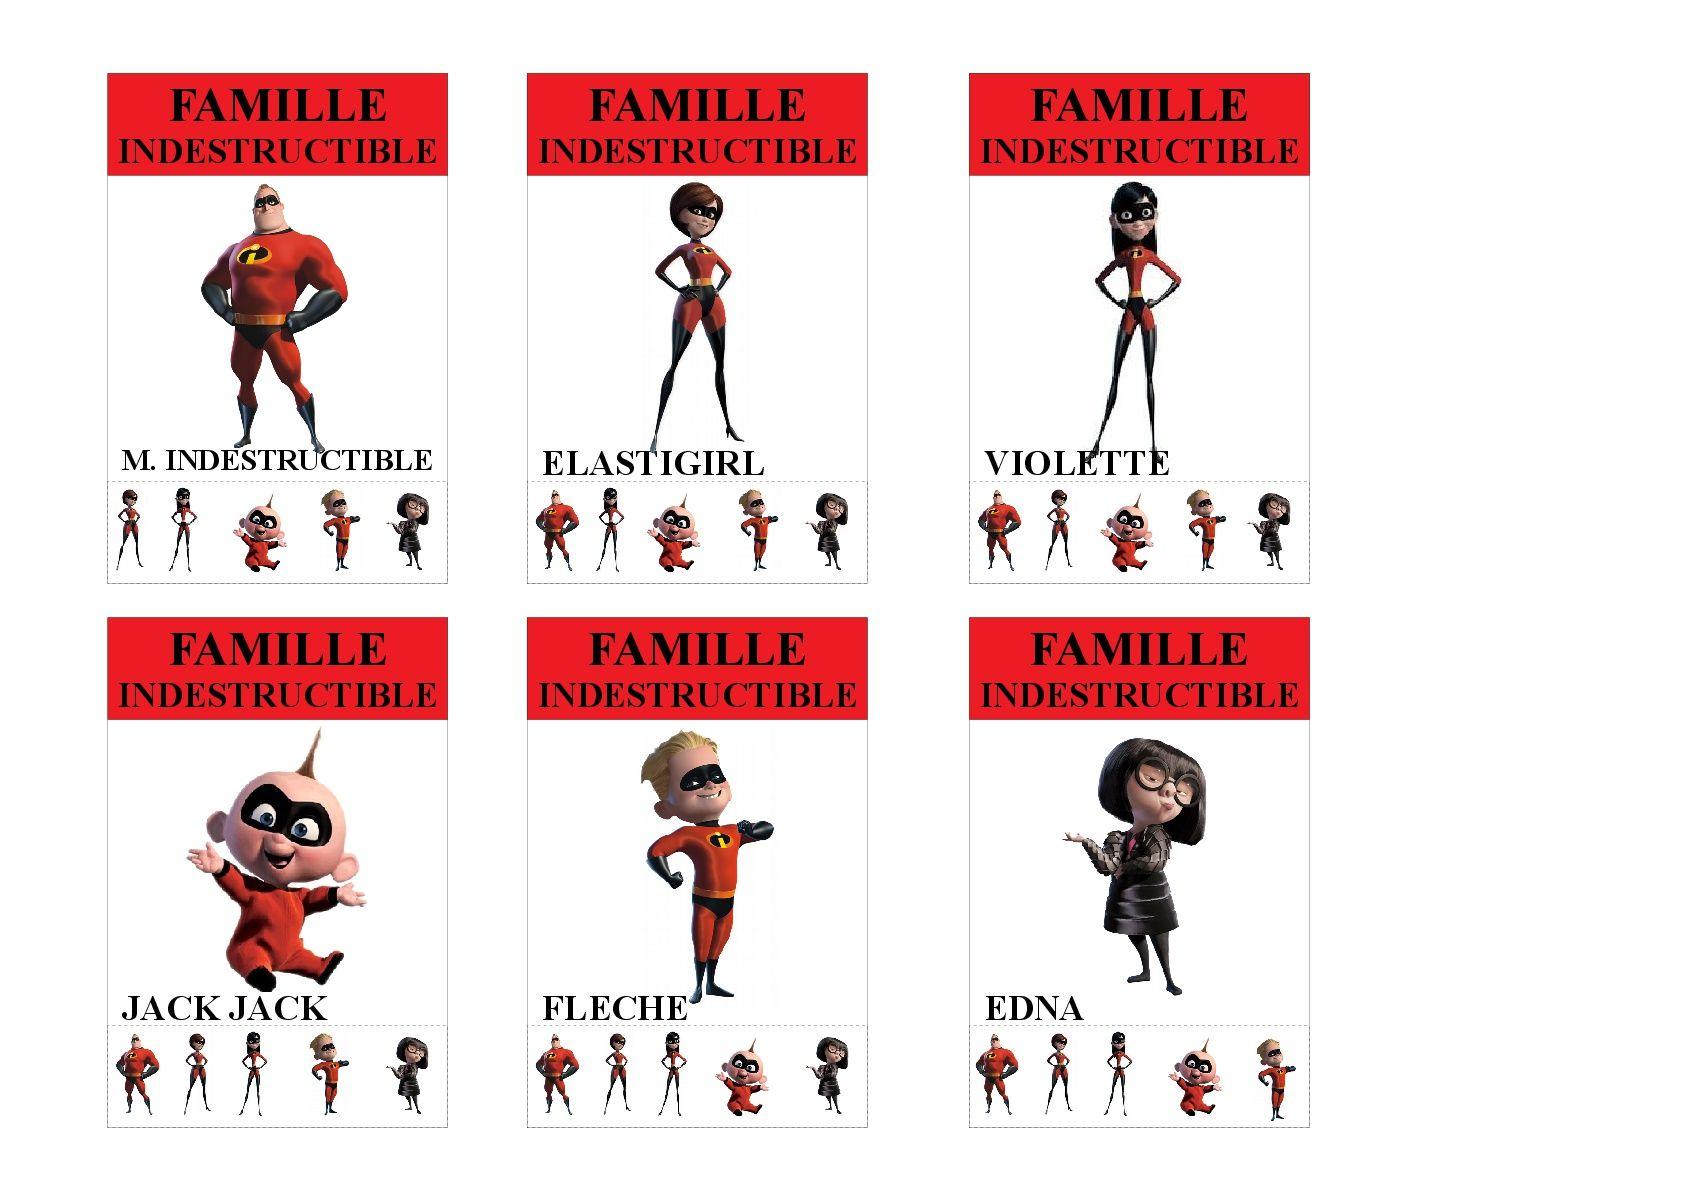 Famille Les Indestructibles Jeu Des 7 Familles Utilisable Pour Les Plus Jeunes Vu Que Tous Les Membres Des Fam Jeux Des 7 Familles Jeu De Cartes Famille Disney